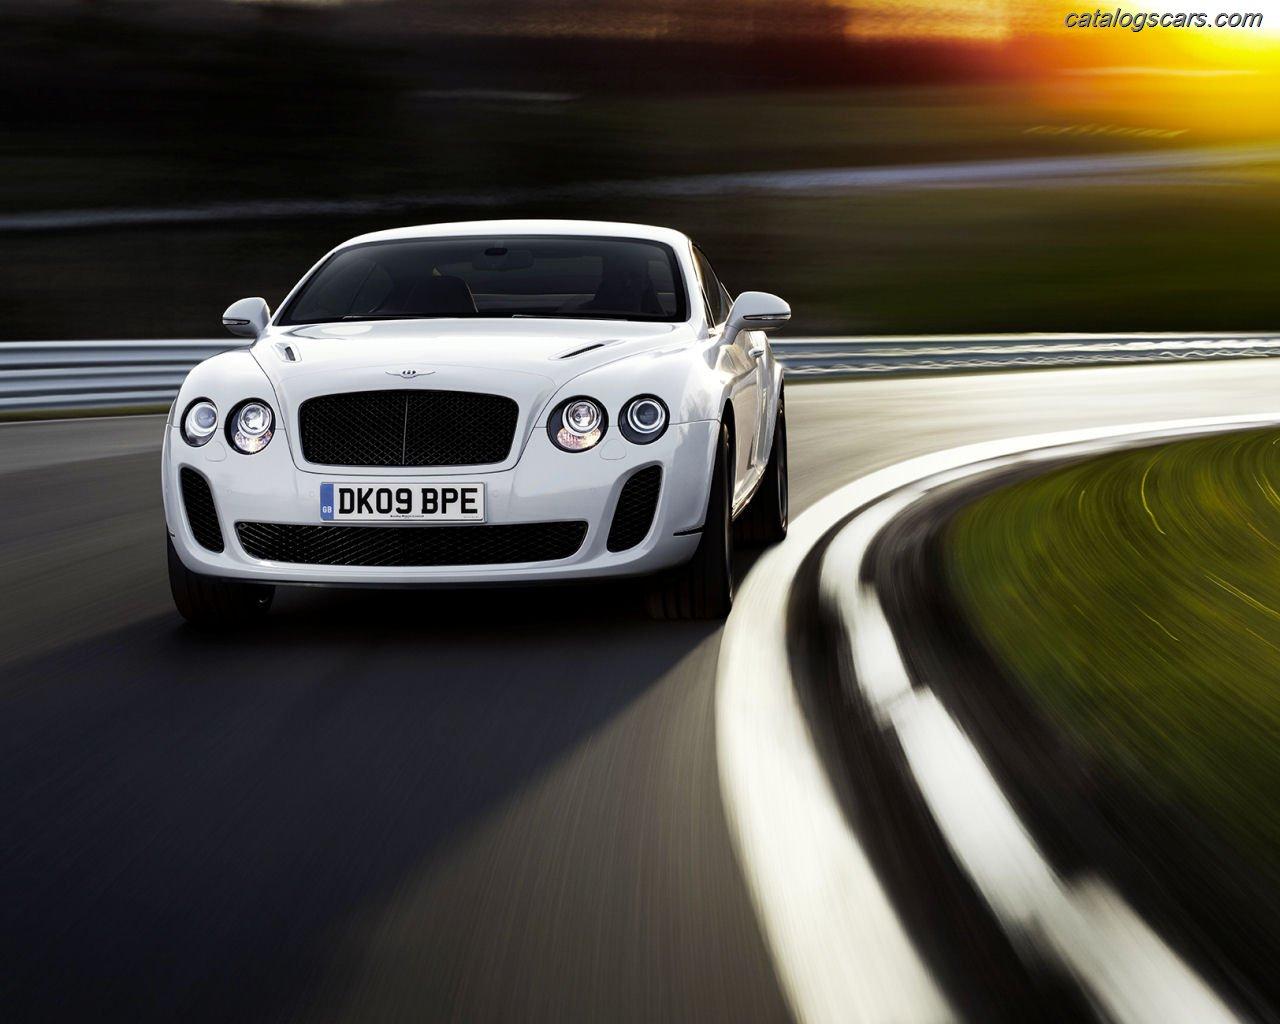 صور سيارة بنتلى كونتيننتال سوبر سبورتس 2014 - اجمل خلفيات صور عربية بنتلى كونتيننتال سوبر سبورتس 2014 - Bentley Continental Supersports Photos Bentley-Continental-Supersports-2011-11.jpg